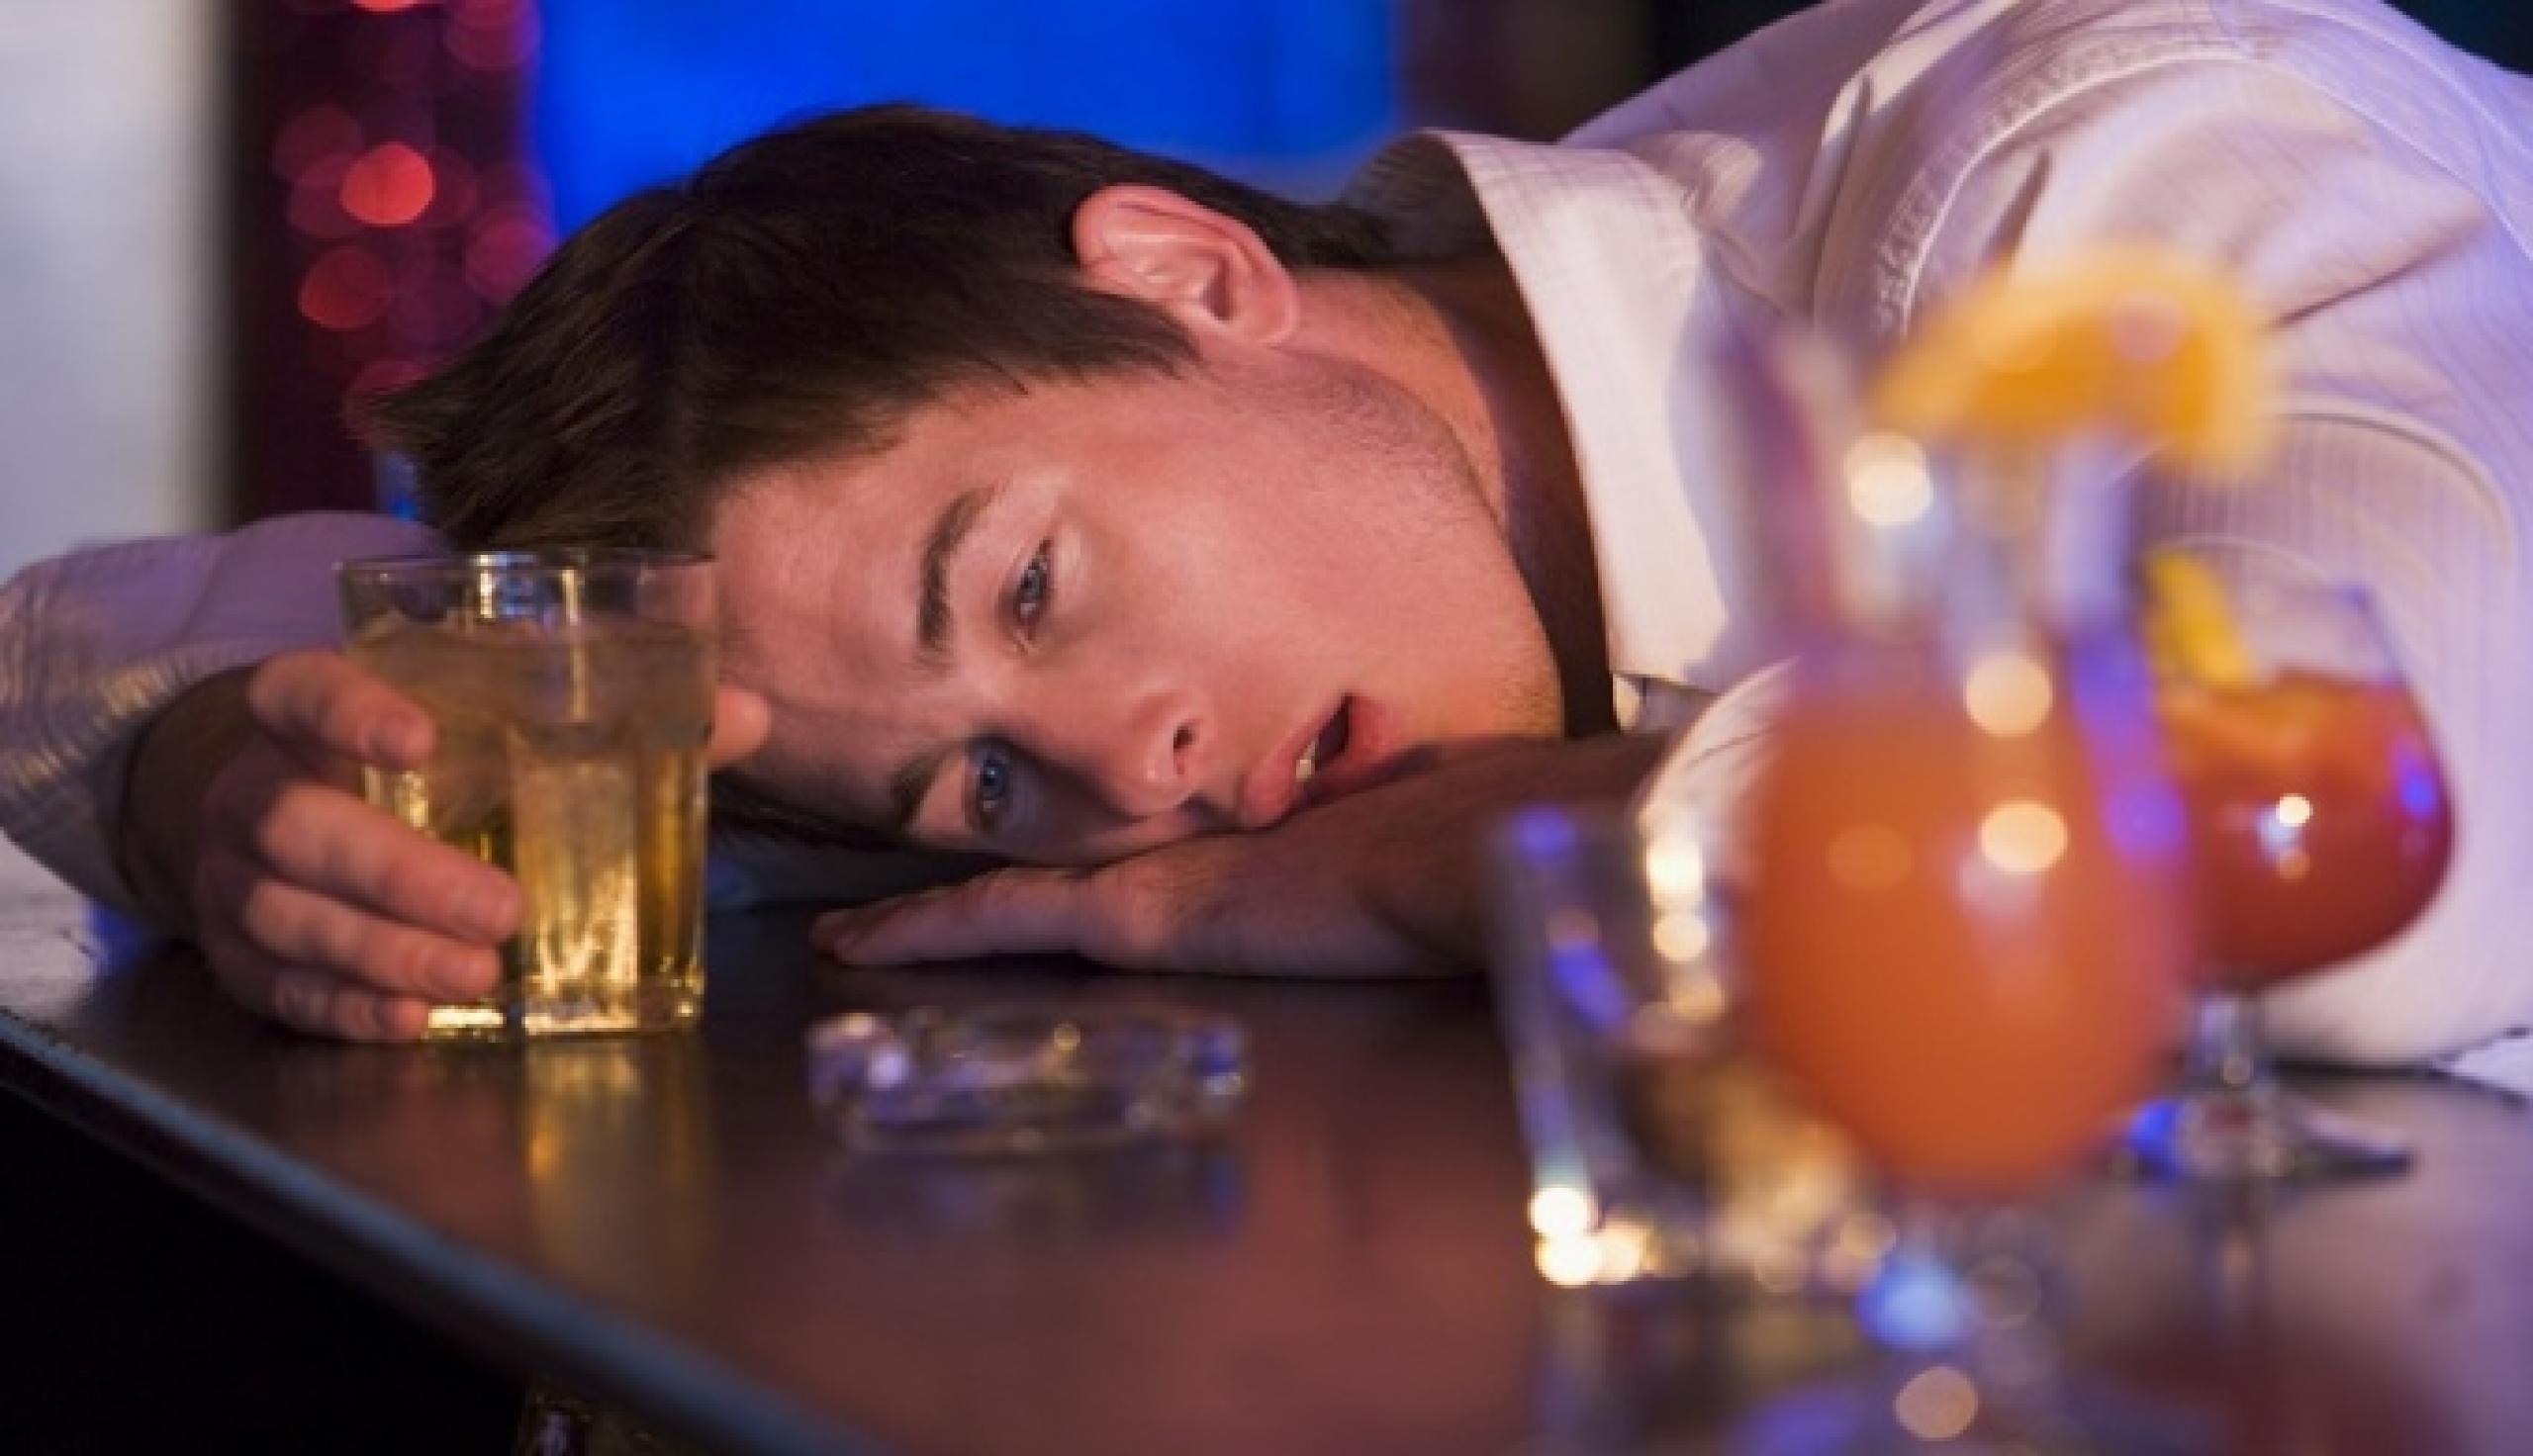 Как вывести из алкогольного состояния в домашних условиях 91